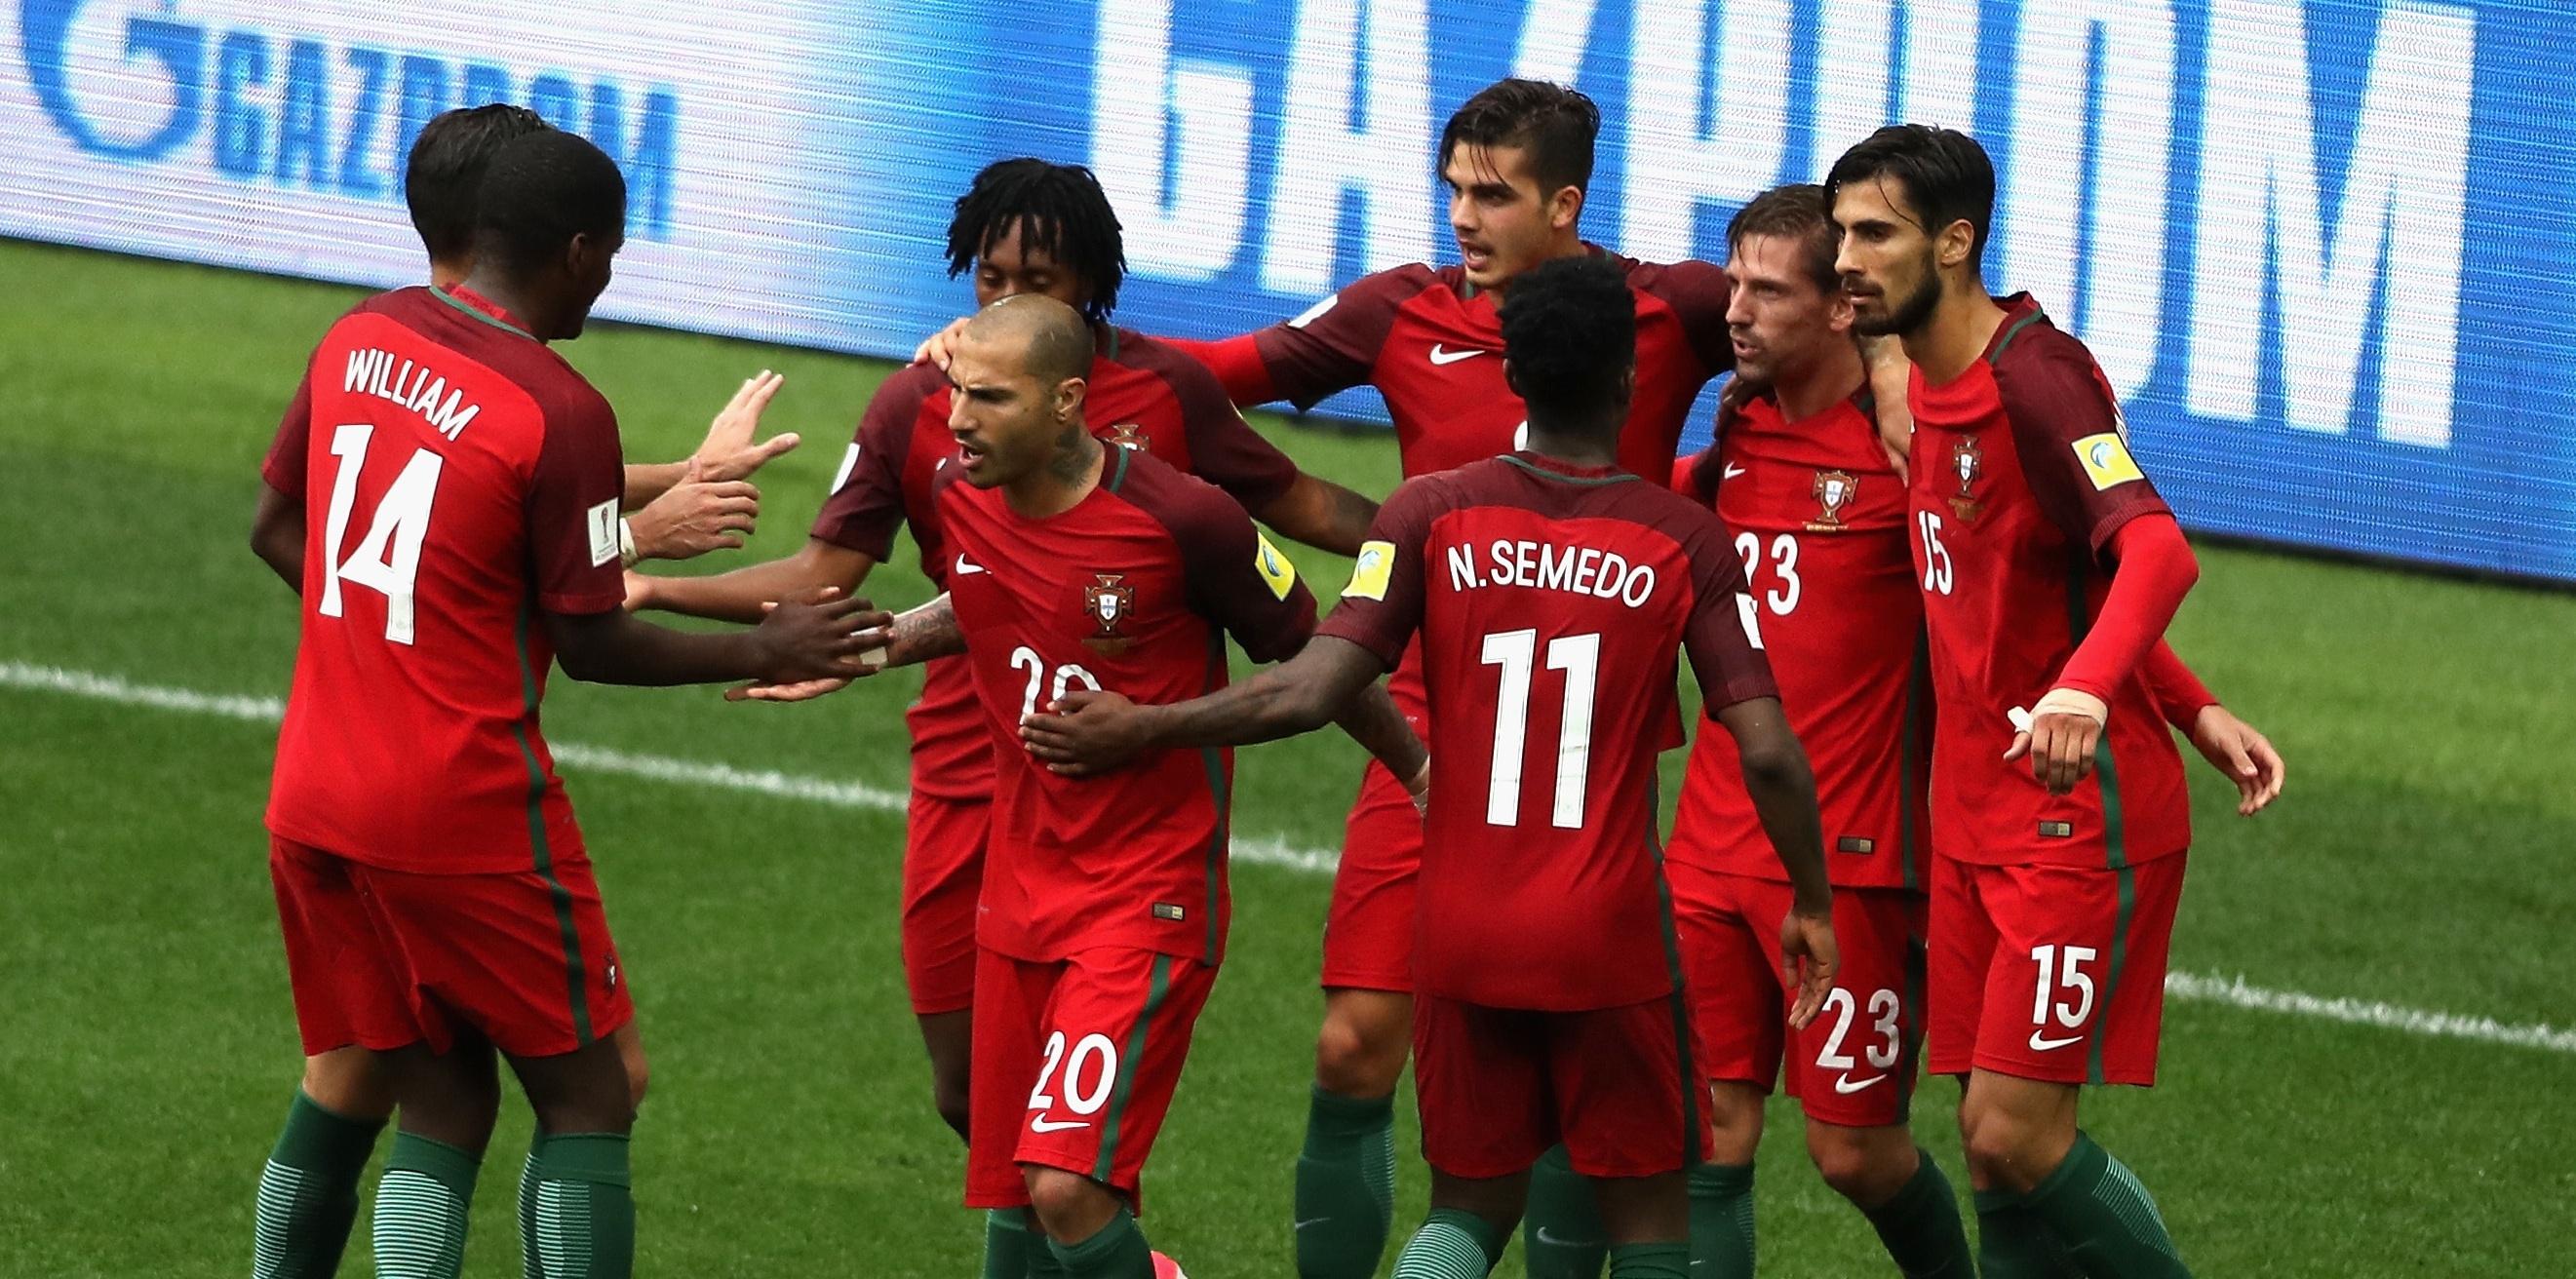 Отборите на Португалия и Мексико излизат в мач за третото